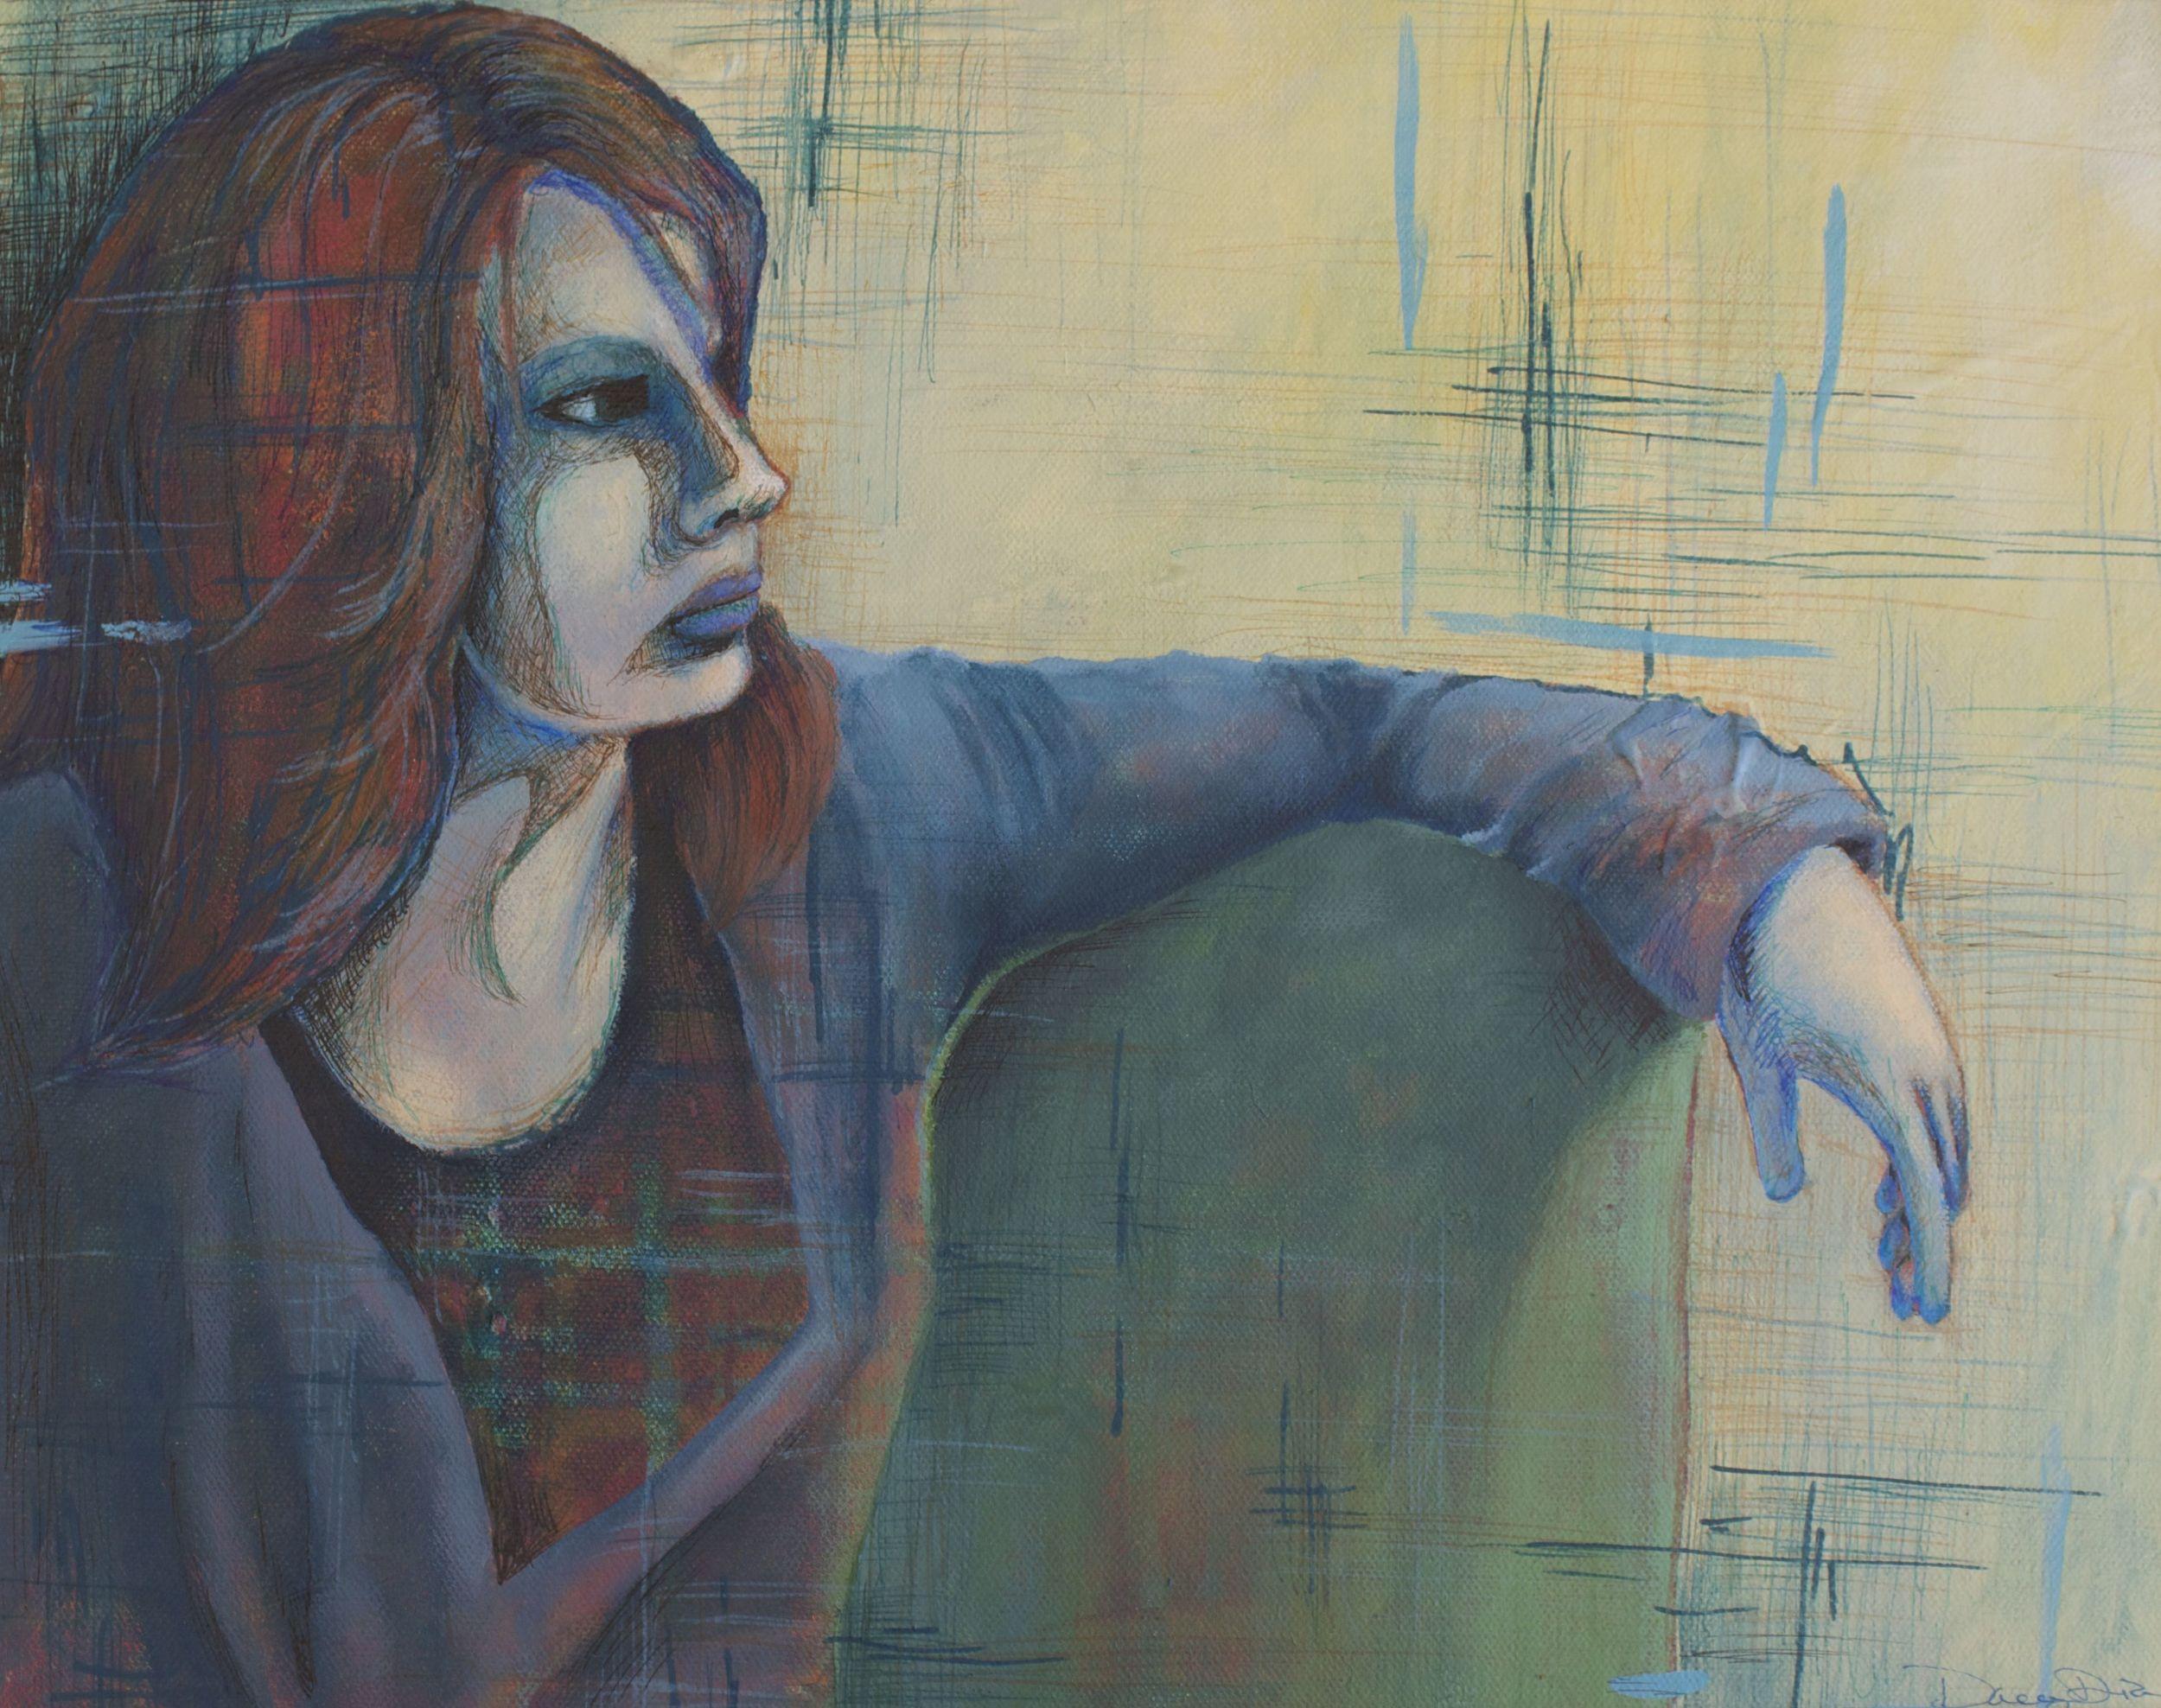 Layered Beauty #2  14x11  Mixed Media  by Dacey Dia Villarreal